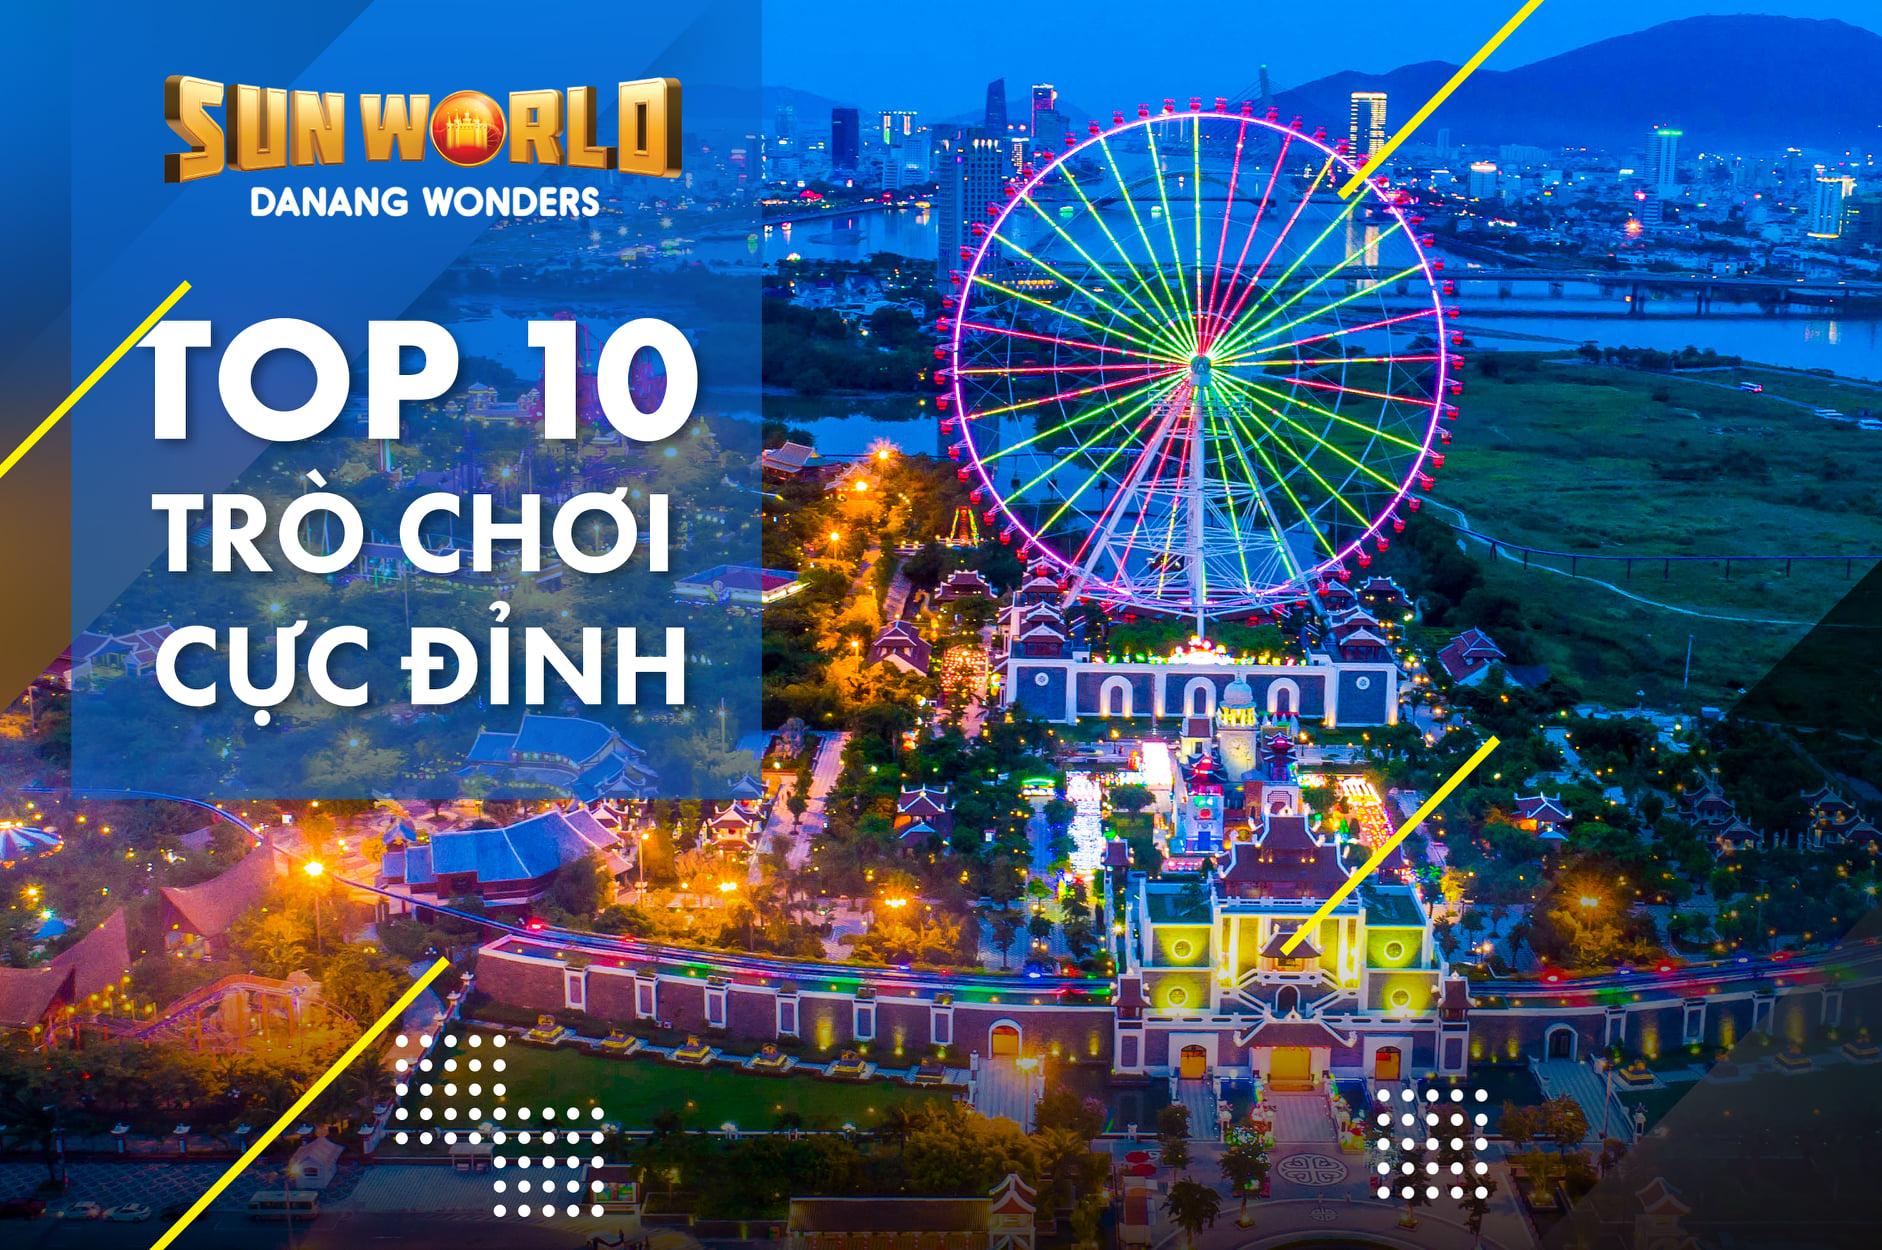 Top 10 trò chơi cực đỉnh asia park đà nẵng